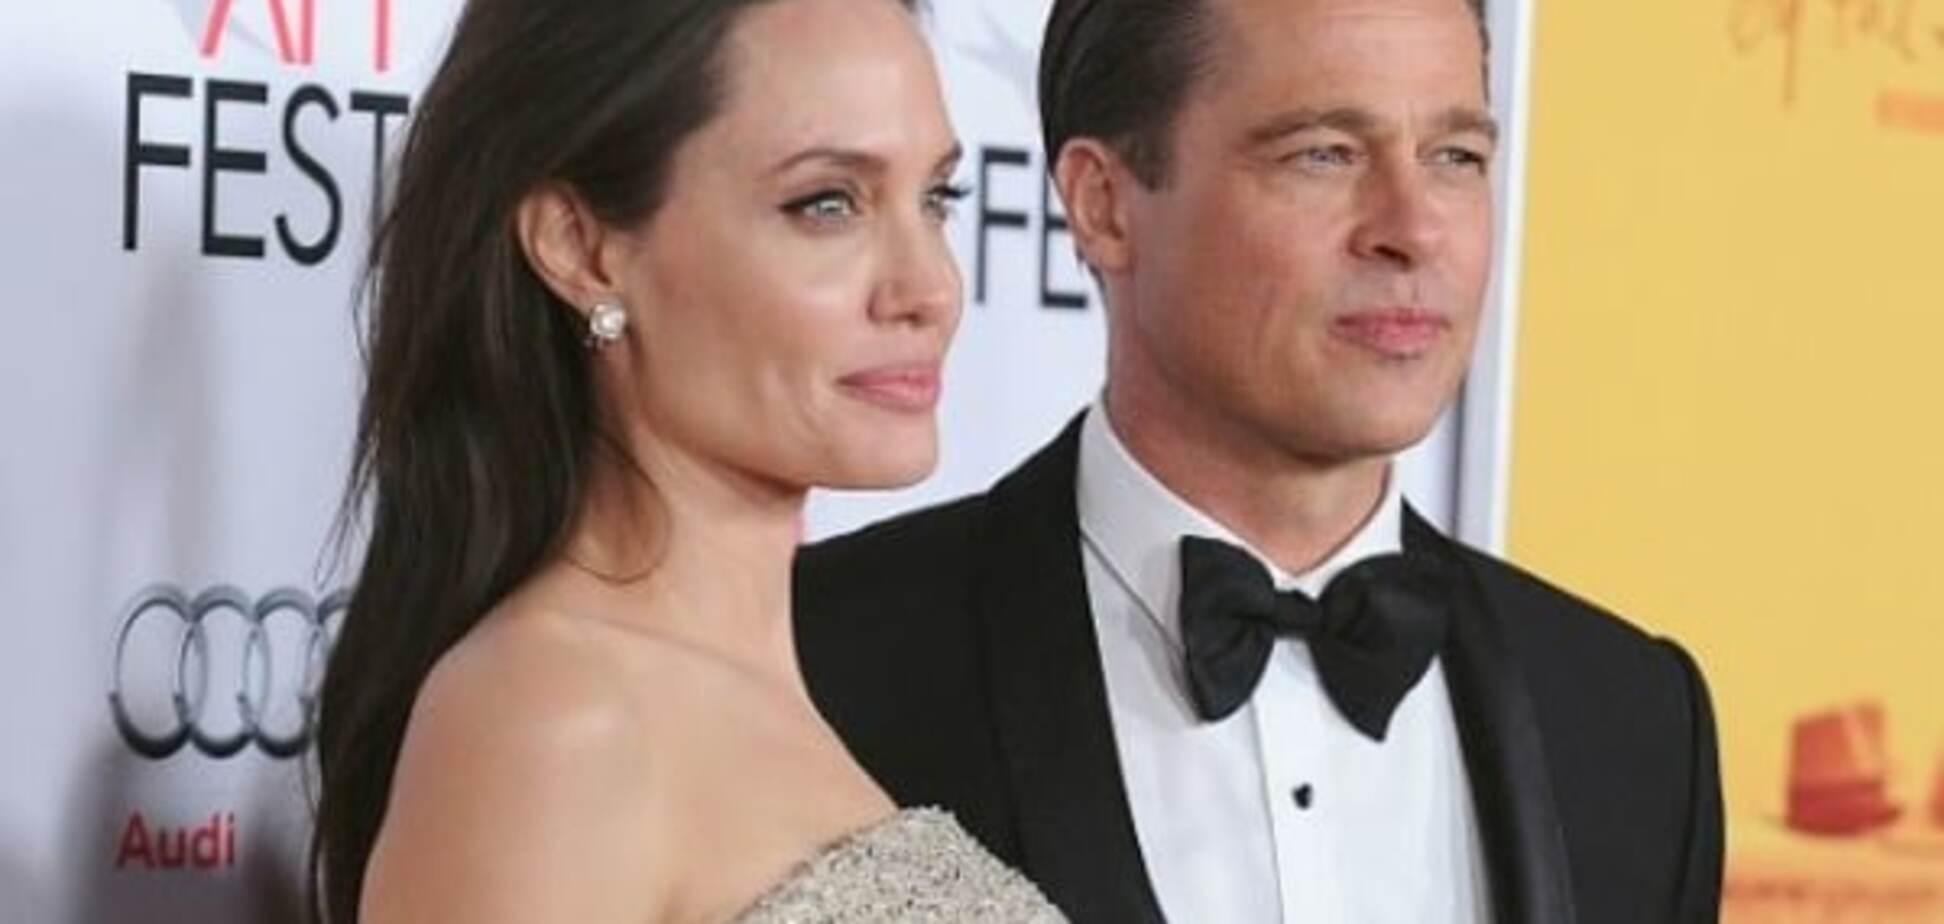 Дуже засмучений: Бред Пітт прокоментував розлучення із Анджеліною Джолі